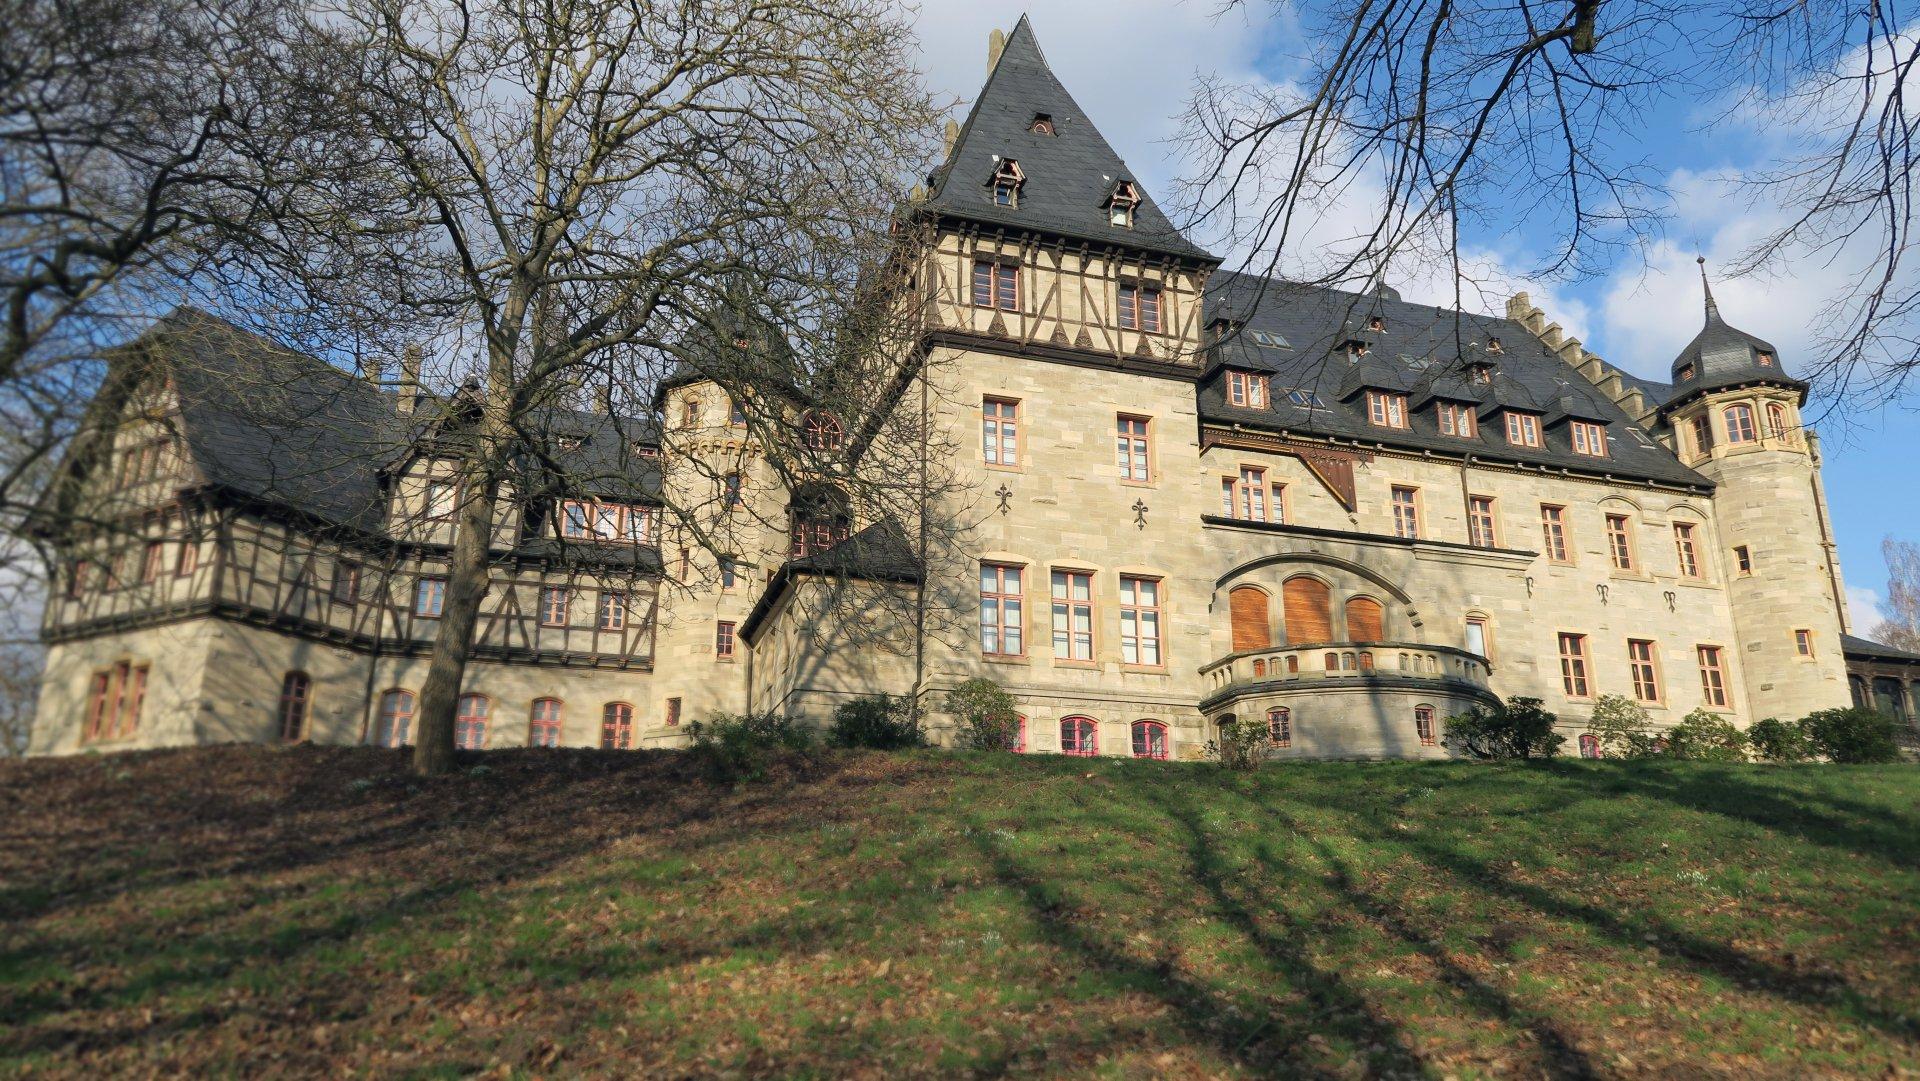 Eisenach, Ferienwohnung | FKK Ferienwohnung